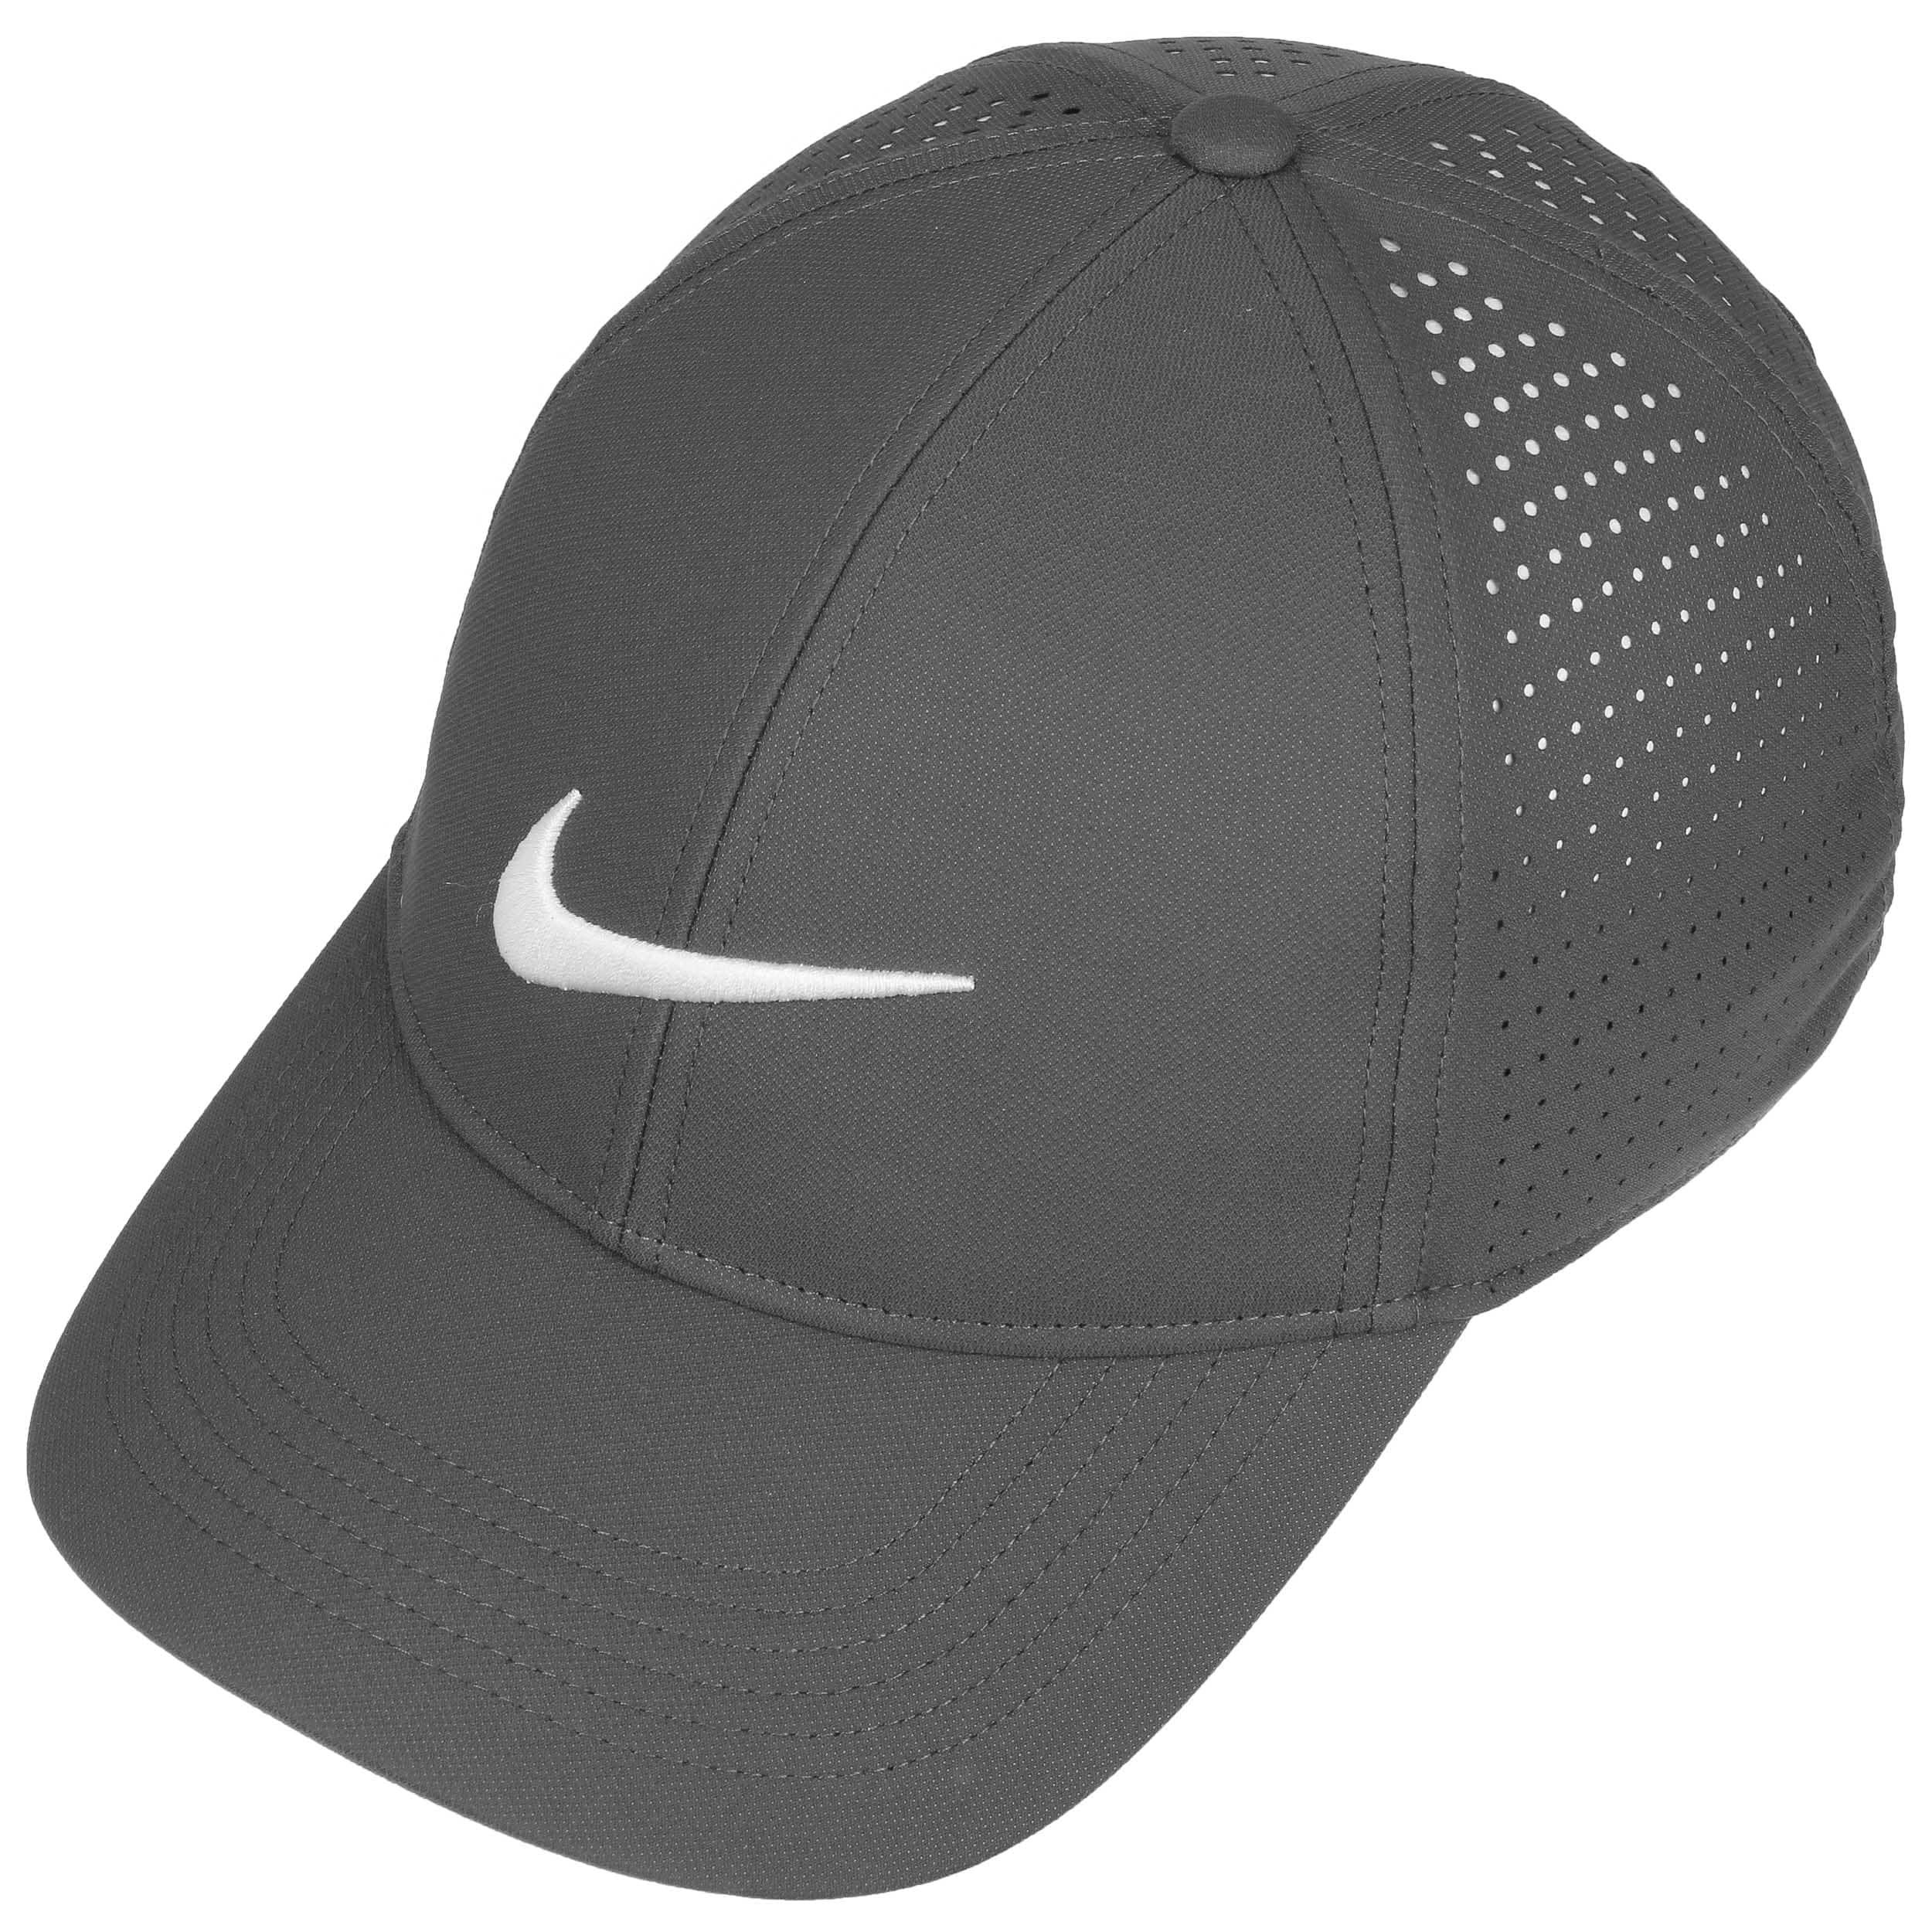 ... Legacy 91 Perf Strapback Cap by Nike - dark grey 1 ... d3f7109cb7c